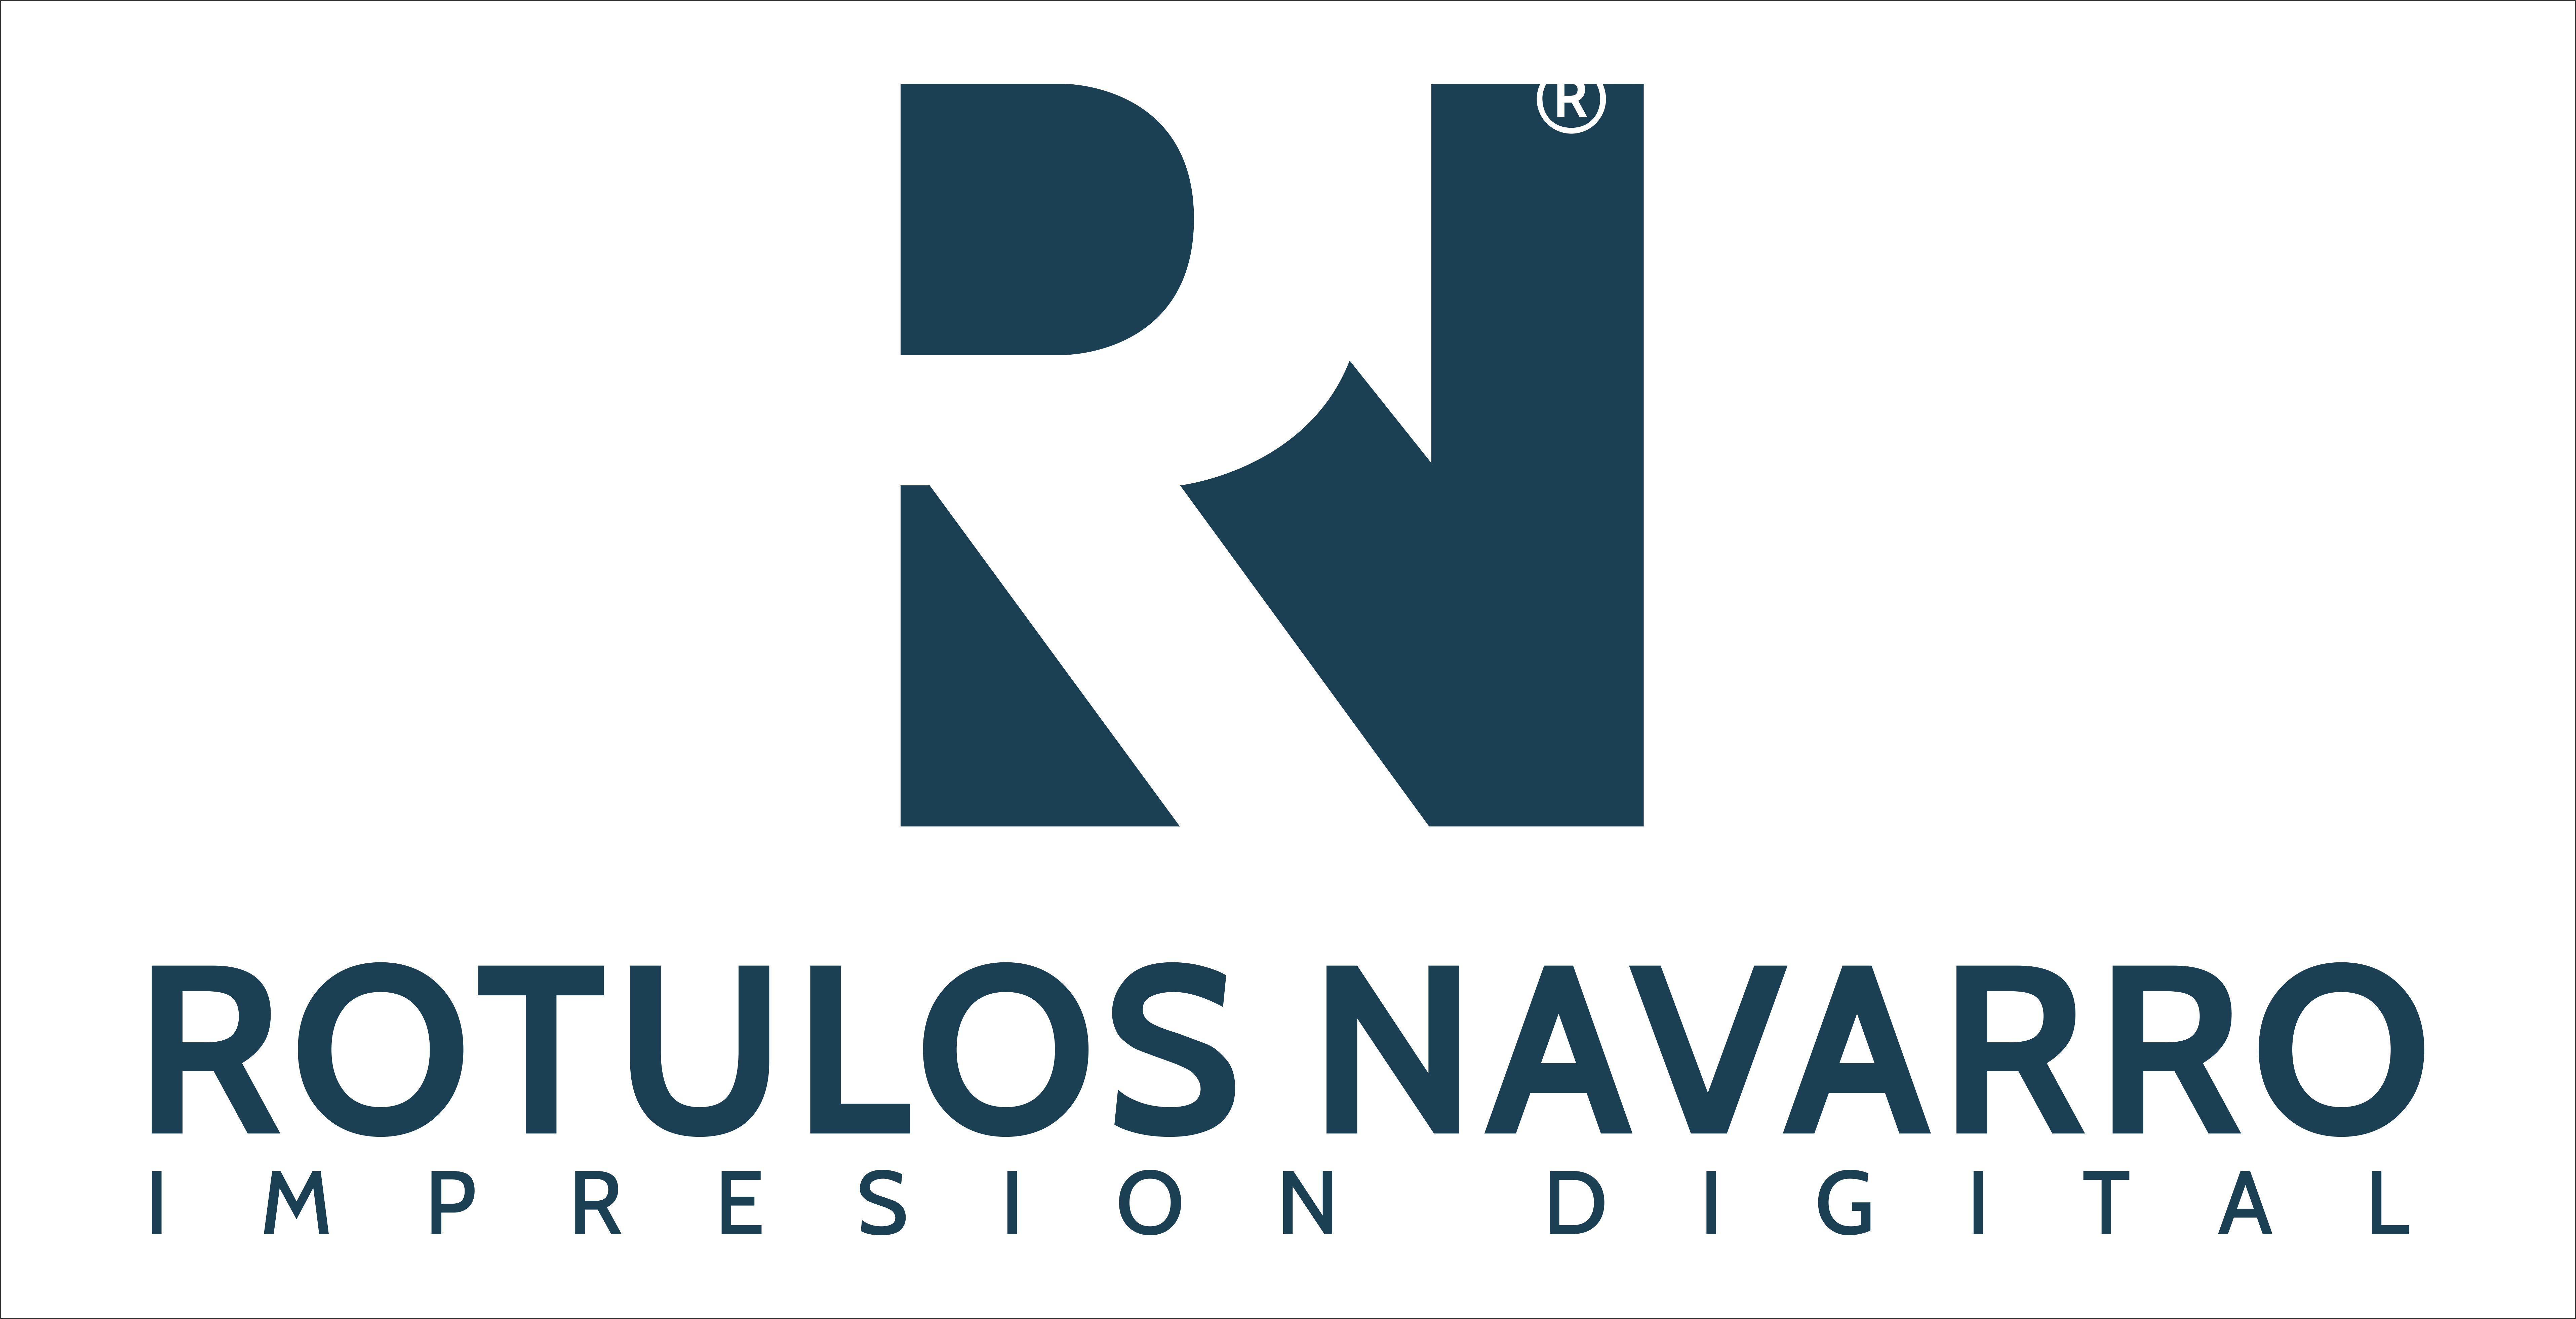 Rótulos Navarro